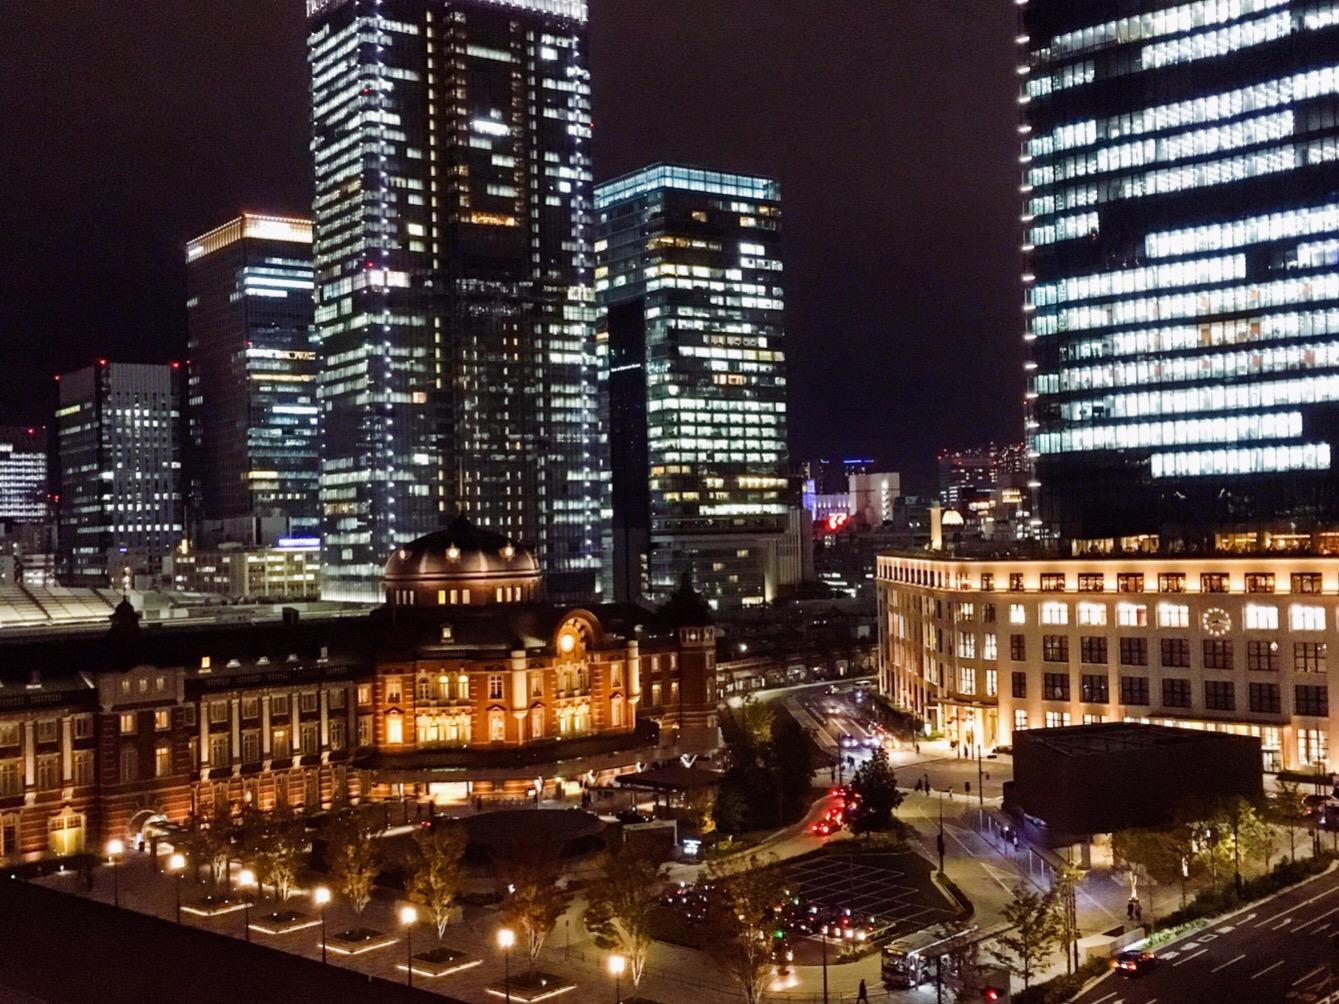 クリスマス直前!  どこいく?! 都内イルミネーションスポット3選!!_2